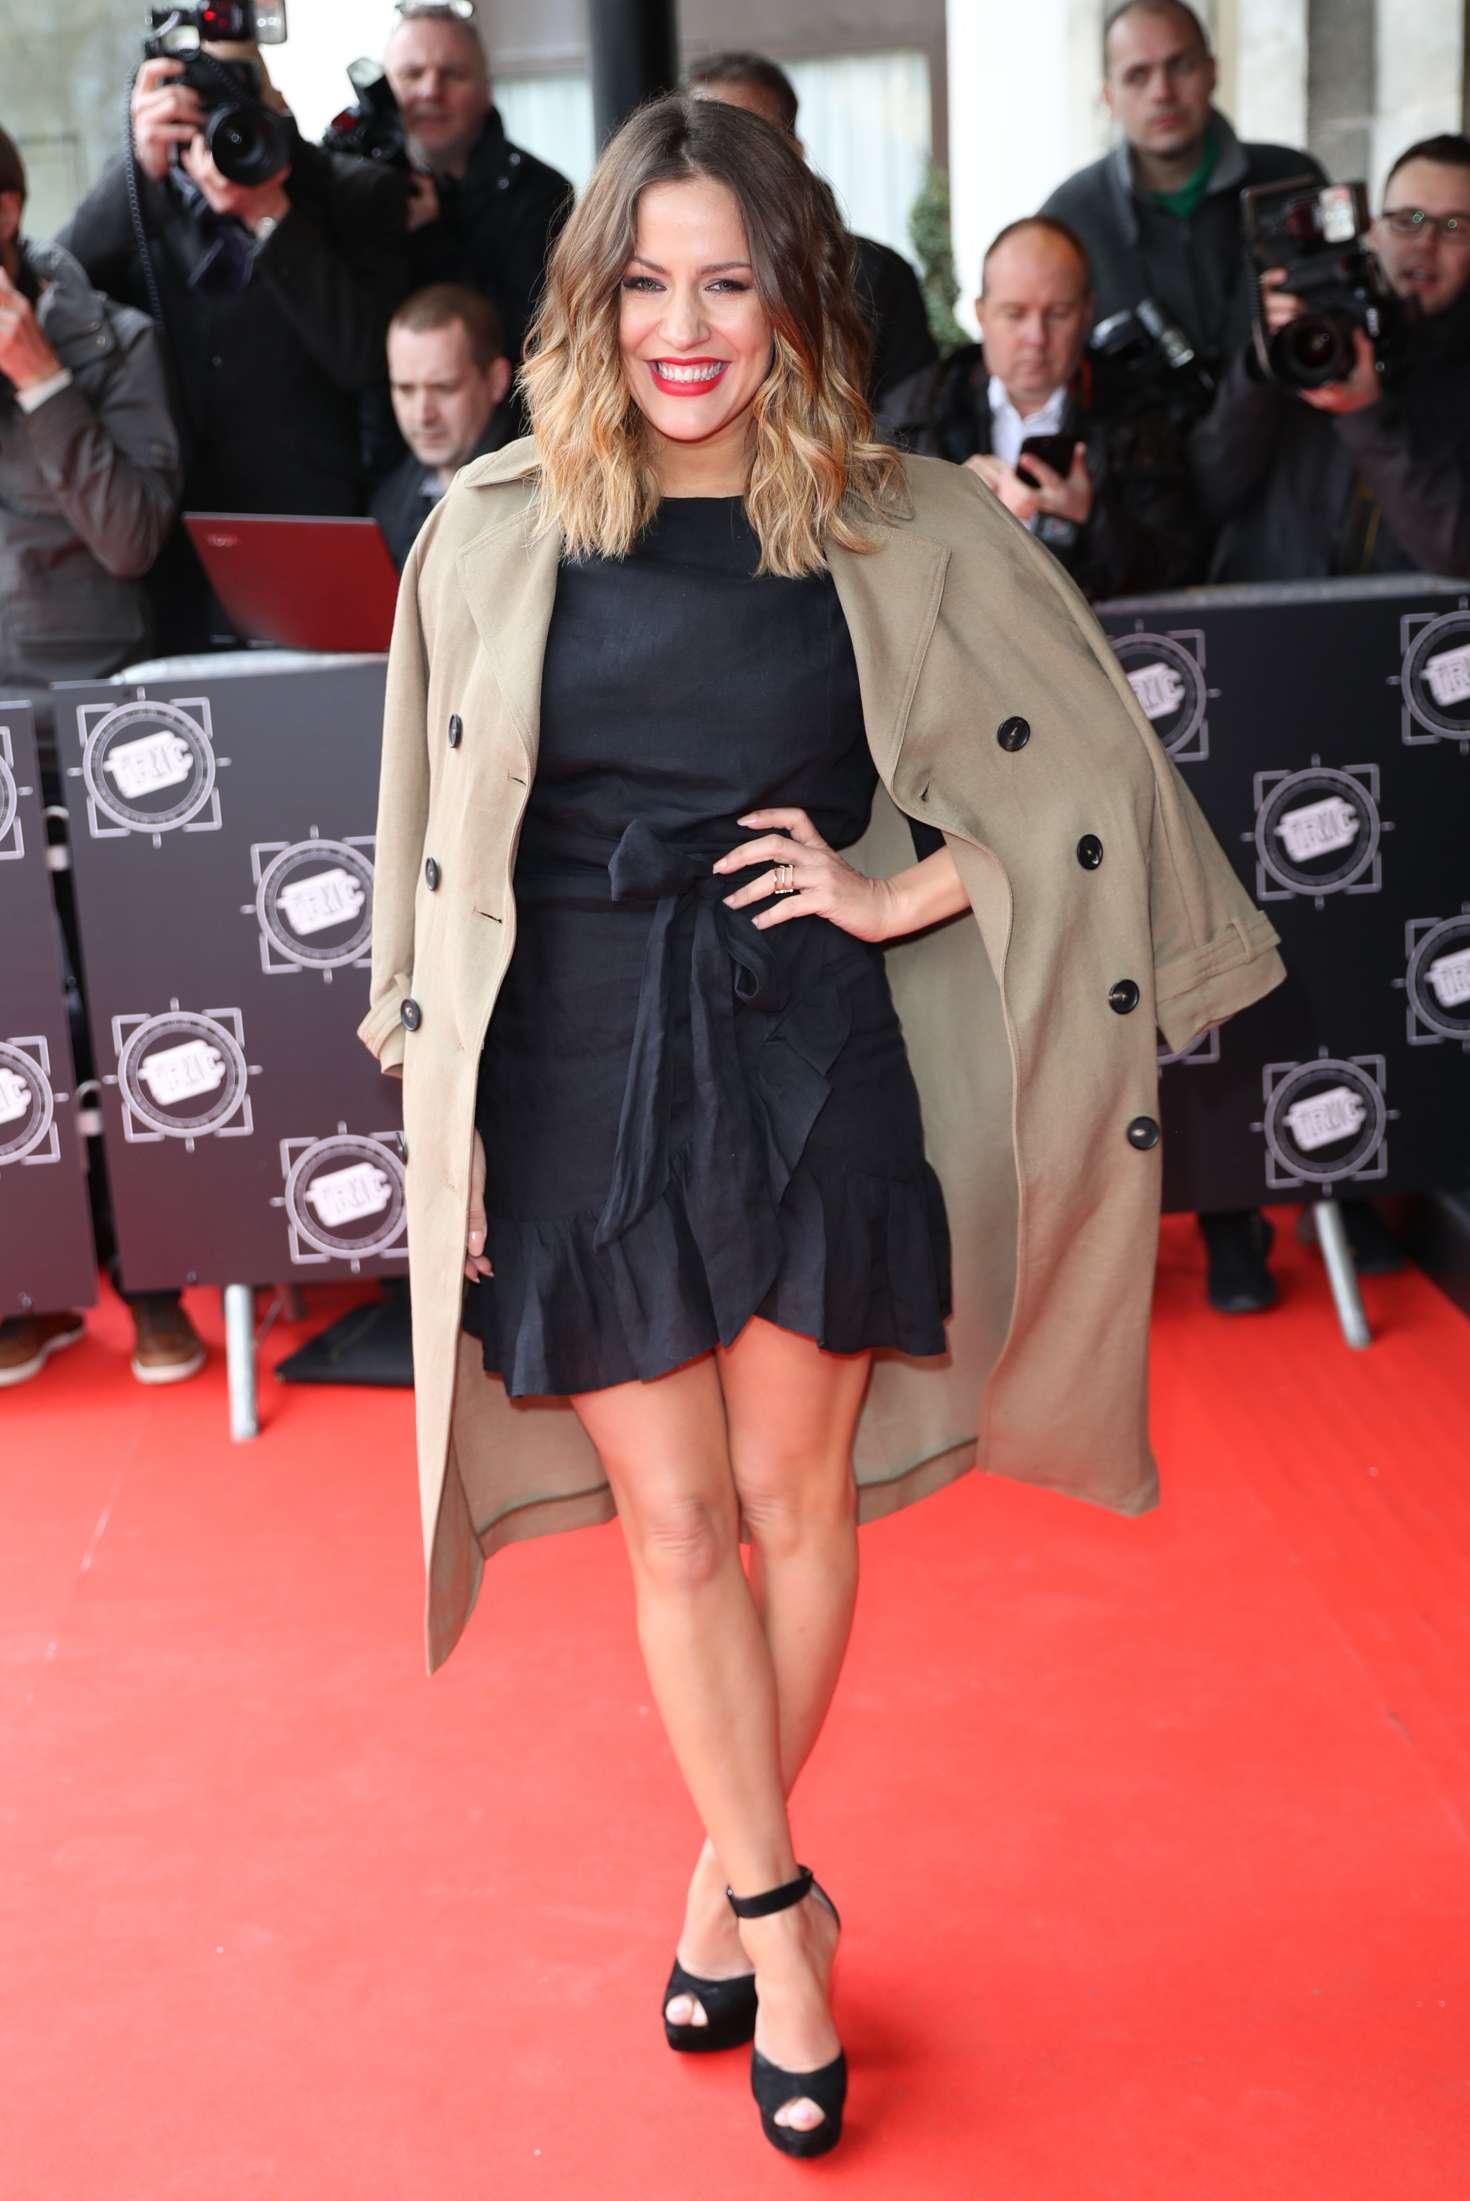 Caroline Flack - 2018 TRIC Awards in London